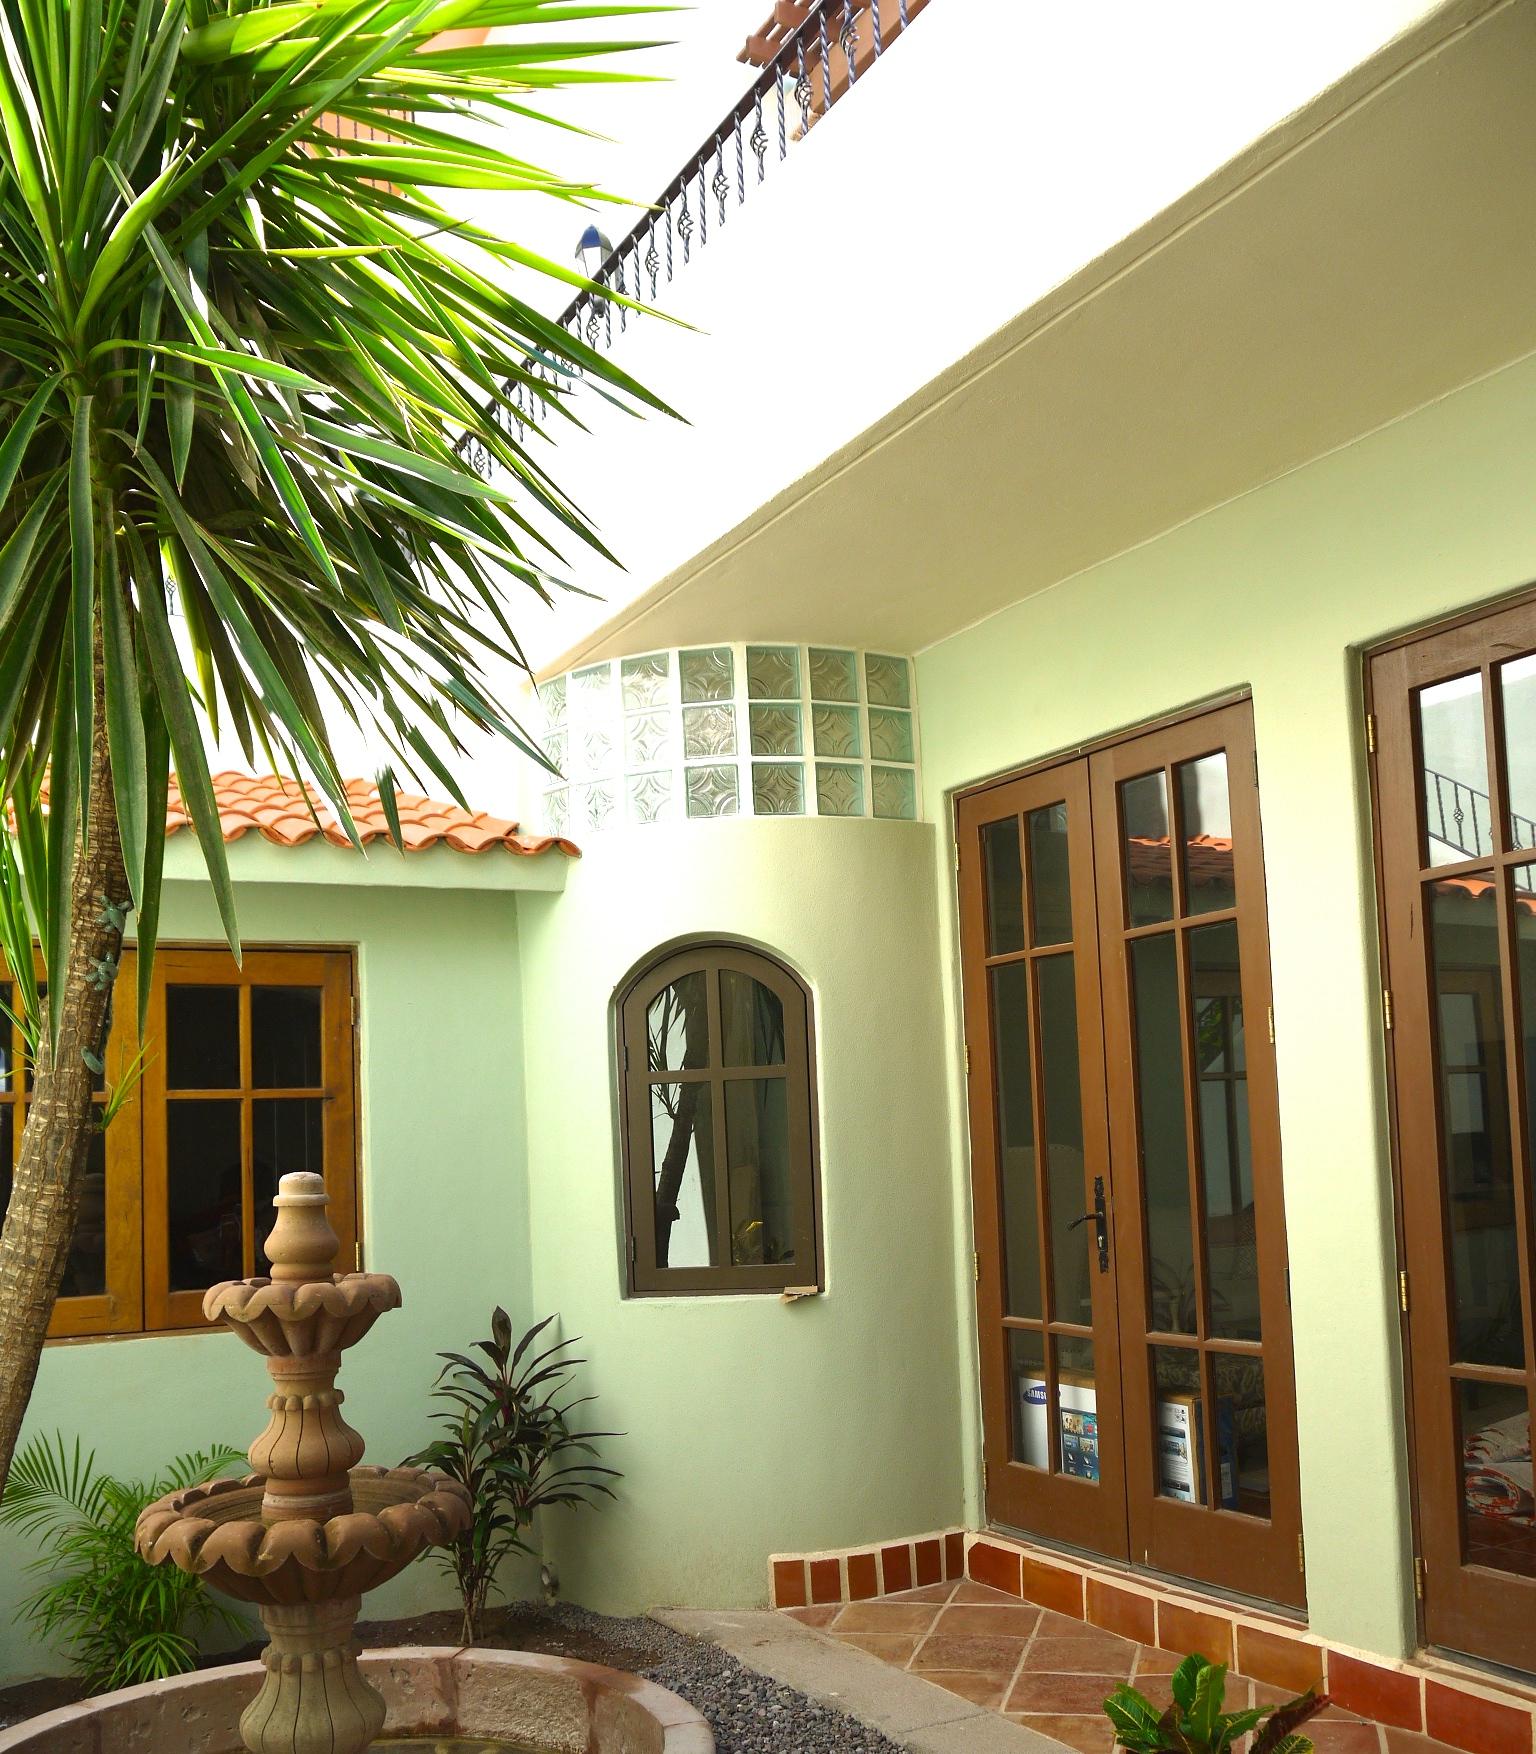 Private garden courtyard, doors leading to main floor interior